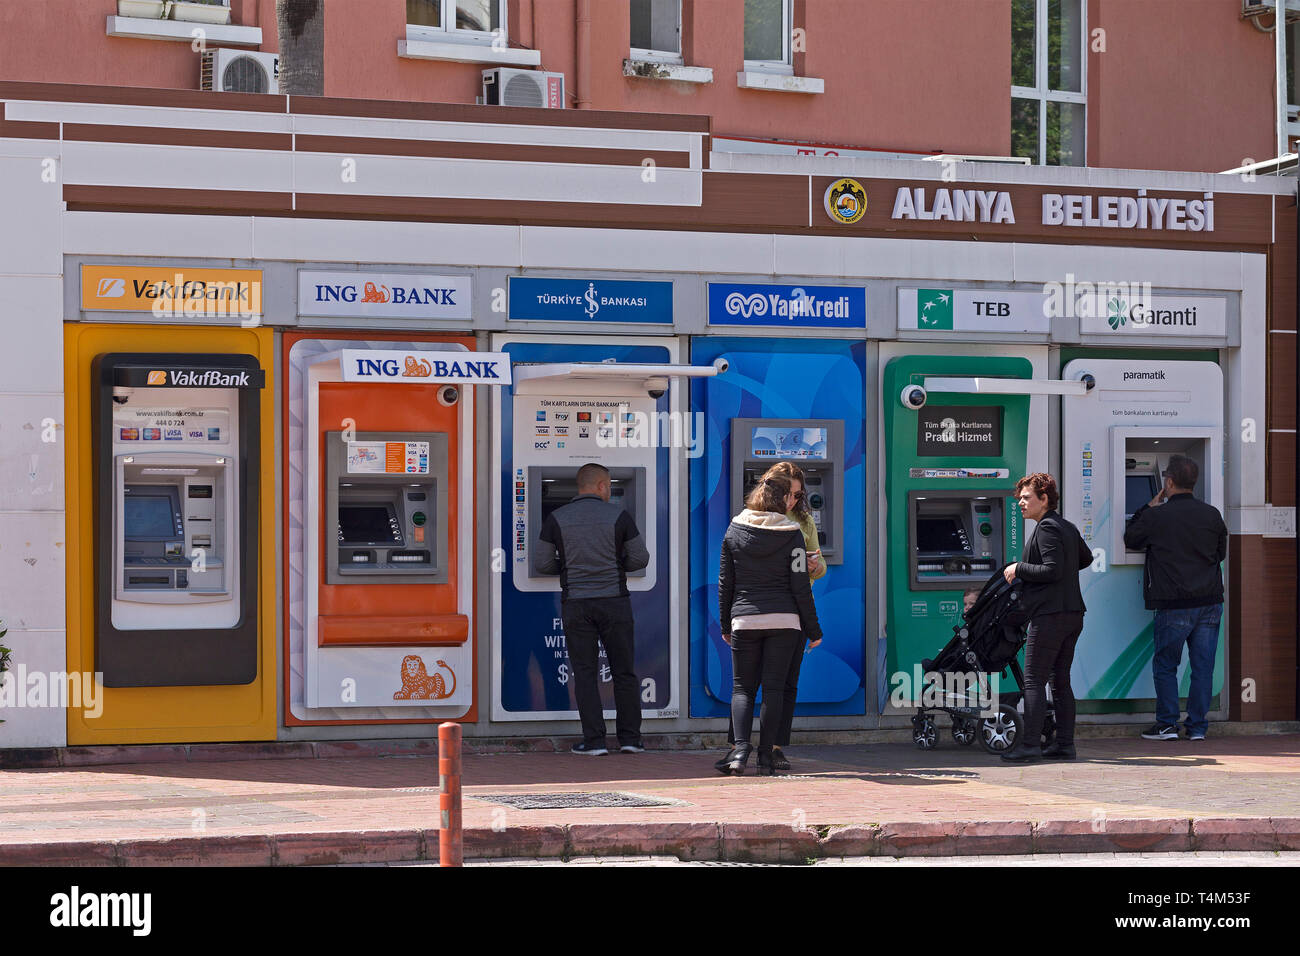 Cajeros automáticos, provincia de Alanya, Antalya, Turquía Imagen De Stock